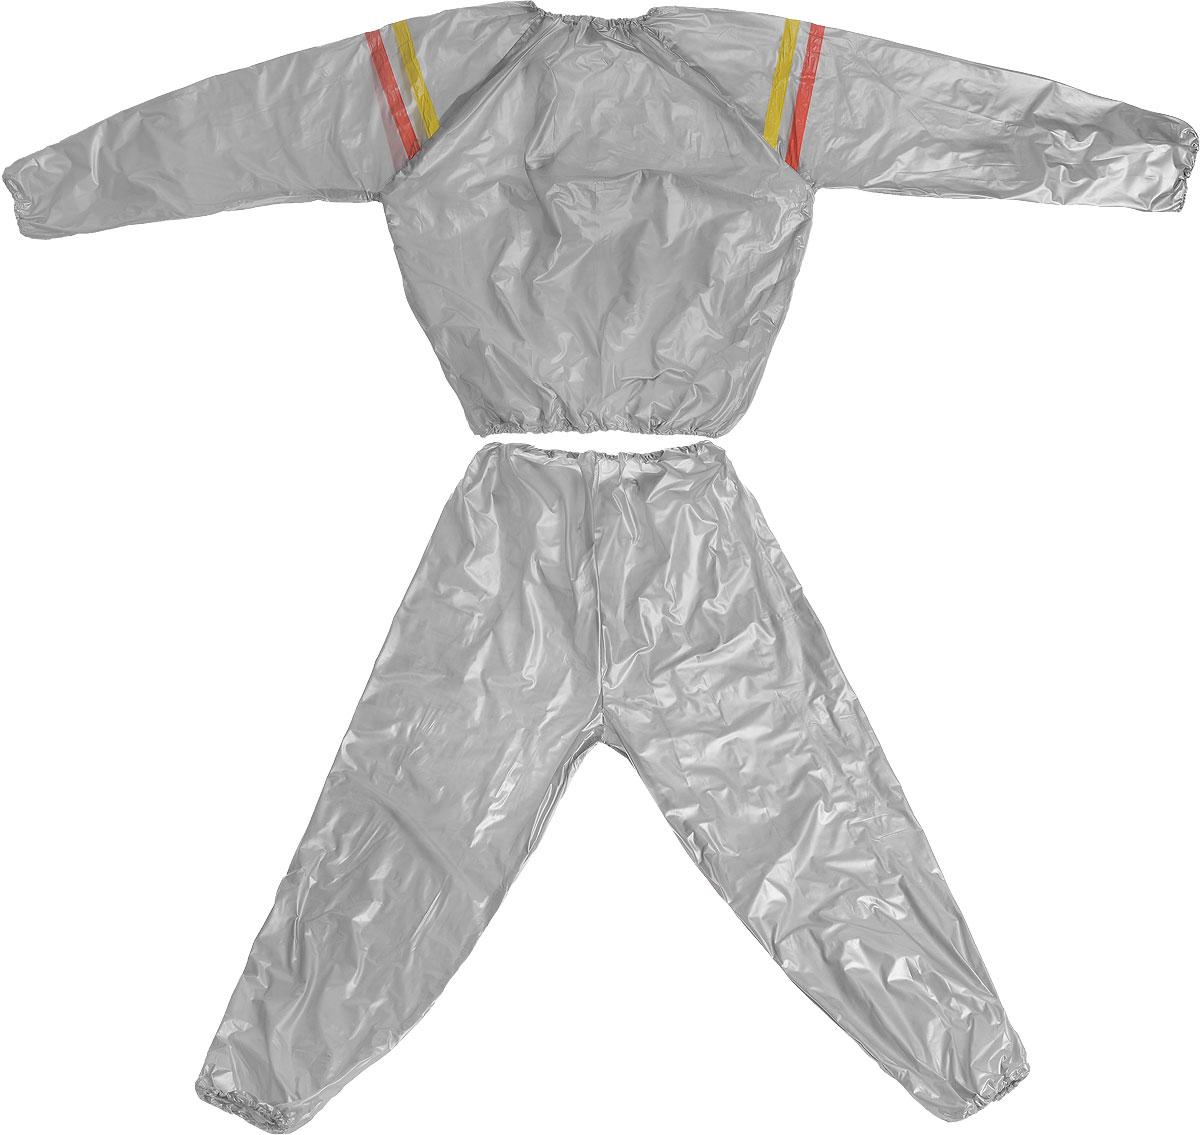 Костюм сауна Ironmaster, цвет: серый, желтый. Размер XLХот ШейперсКостюм-сауна Ironmasterизготовлен из ПВХ. Предназначен для интенсивного сброса веса во время занятий аэробикой и атлетикой. Эффект основан на тепловом балансе организма. Костюм-сауна, созданный для профессиональных спортсменов с целью быстрого сбрасывания веса перед соревнованиями, сегодня широко используется обычными людьми.Костюм подходит и для женщин, и для мужчин. При использовании этого костюма у вас пропадает лишний вес, калории сжигаются в несколько раз быстрее, чем во время обычных физических нагрузок, а вы выглядите с каждым днем все более привлекательно.